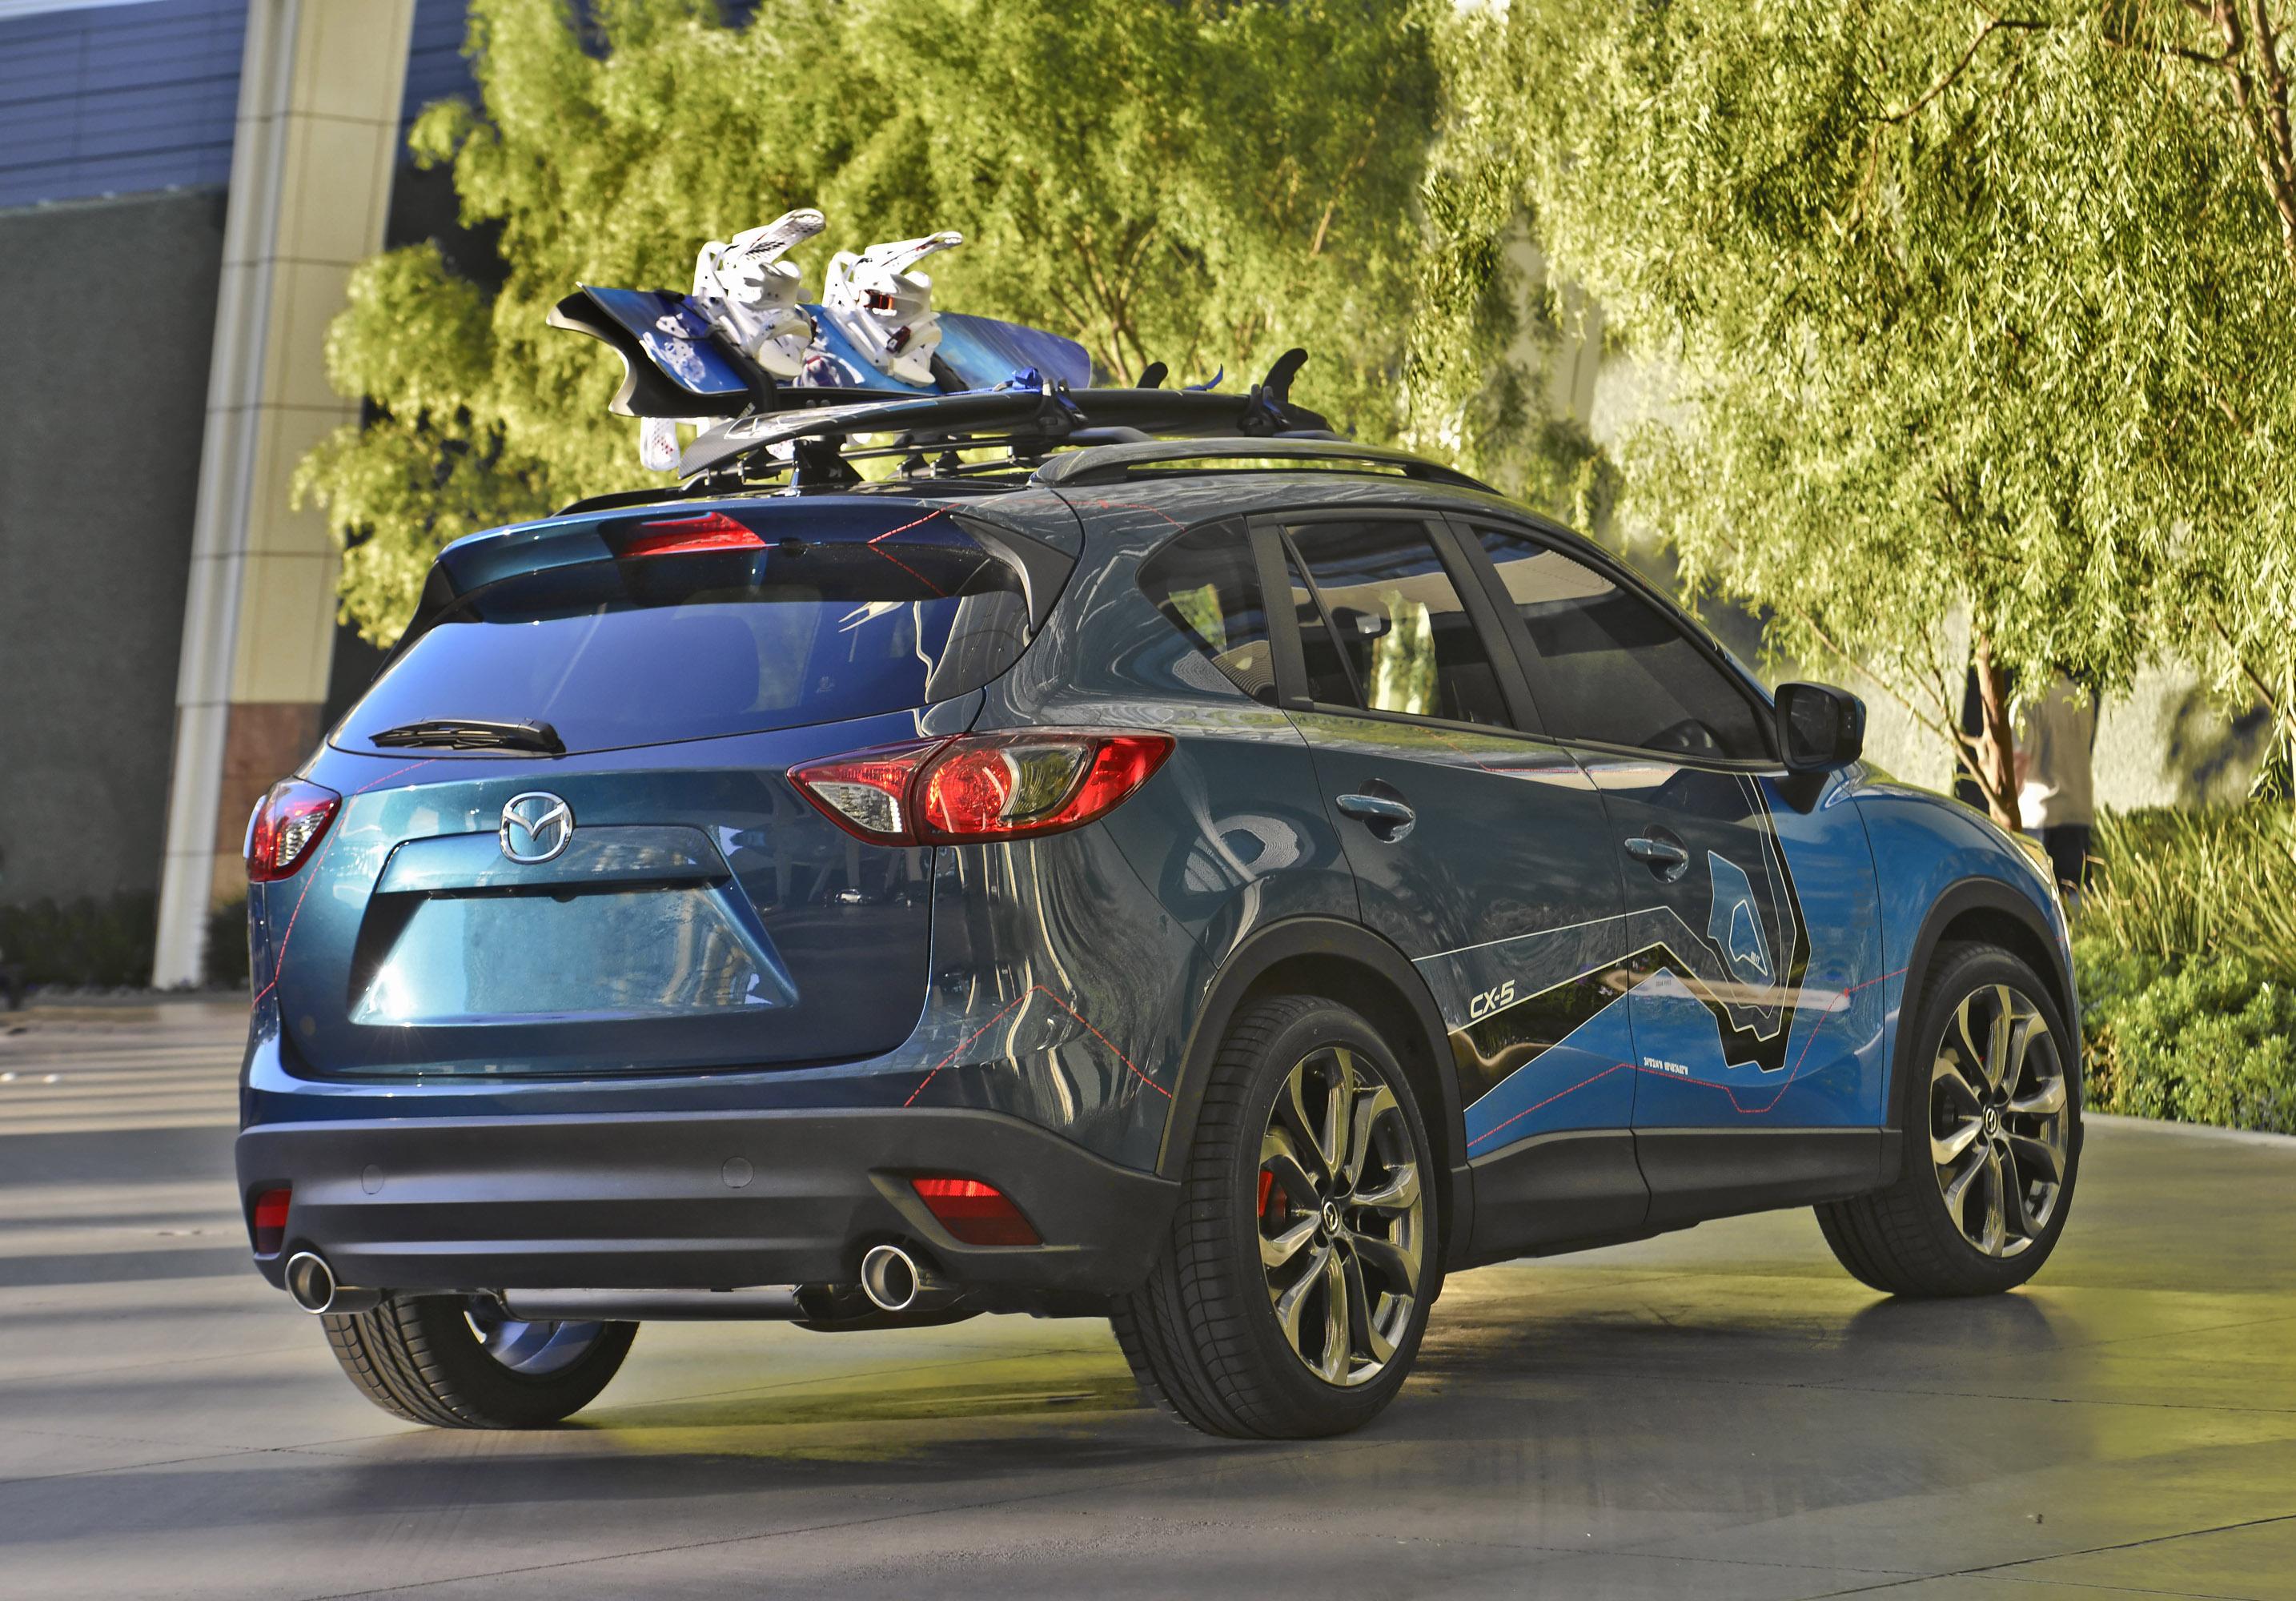 https://www.carsinvasion.com/gallery/2012-mazda-cx-5-180-concept/2012-mazda-cx-5-180-concept-12.jpg